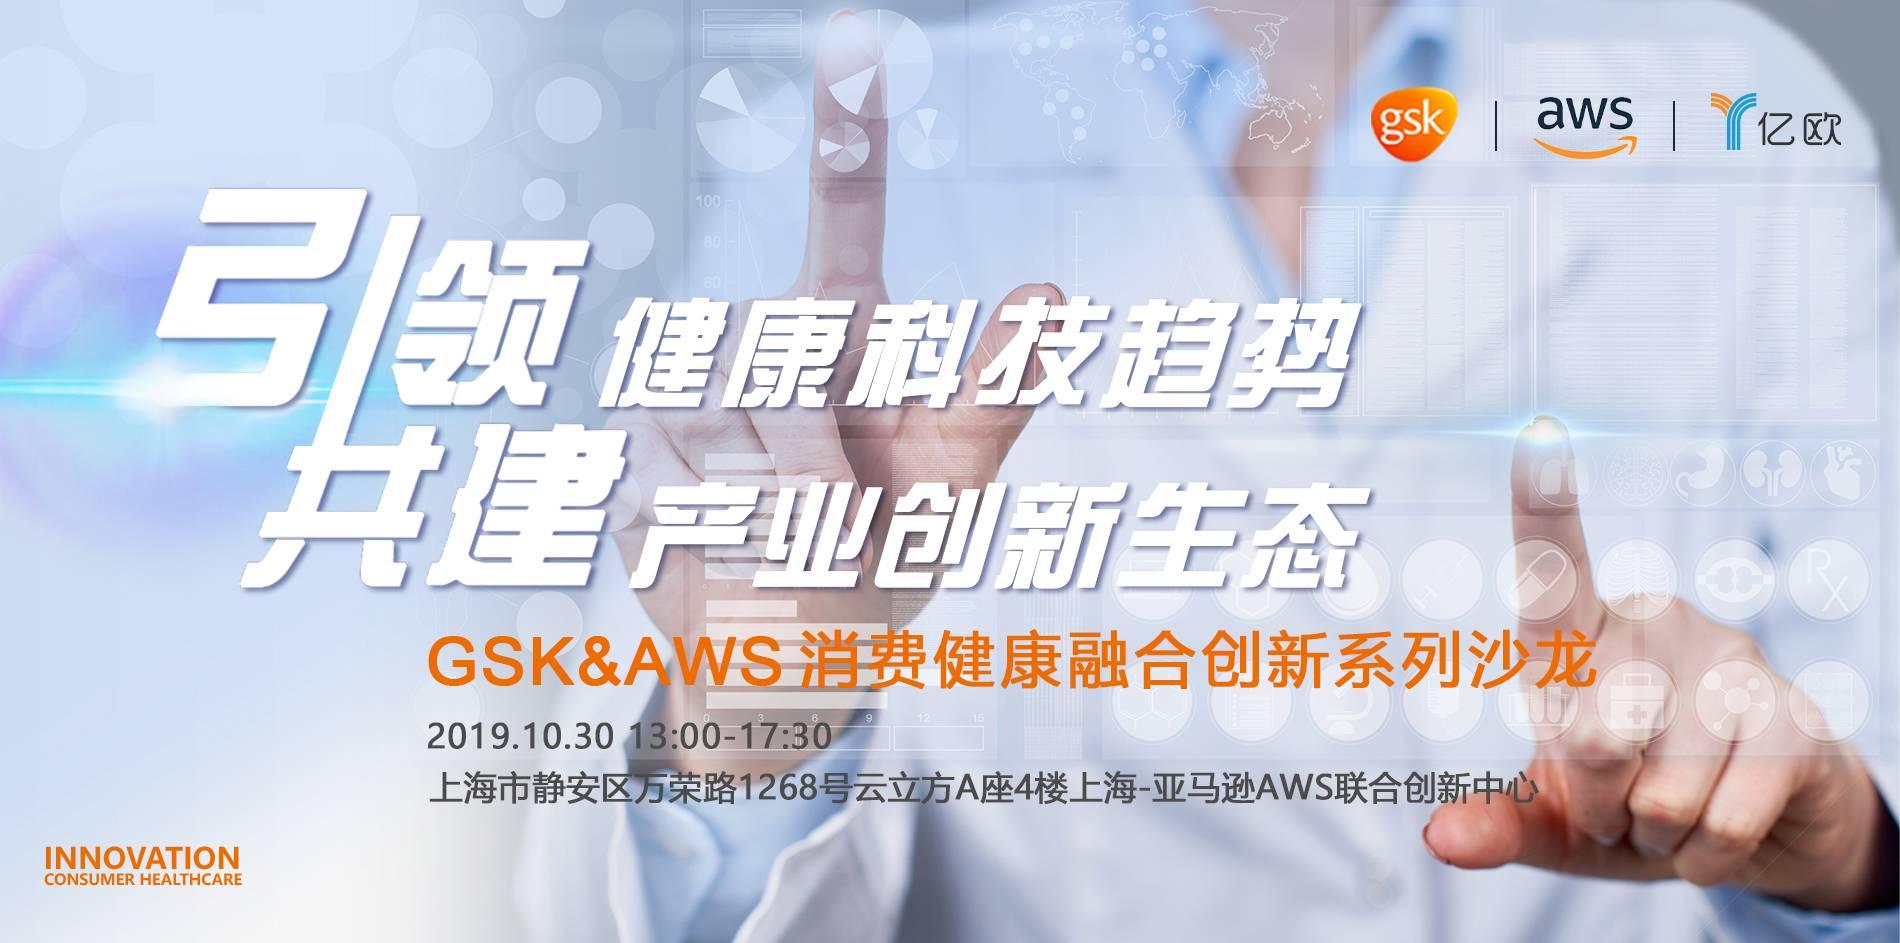 【活动】引领健康科技趋势,共建产业创新生态 ——GSK&AWS消费健康融合创新系列沙龙-亿欧